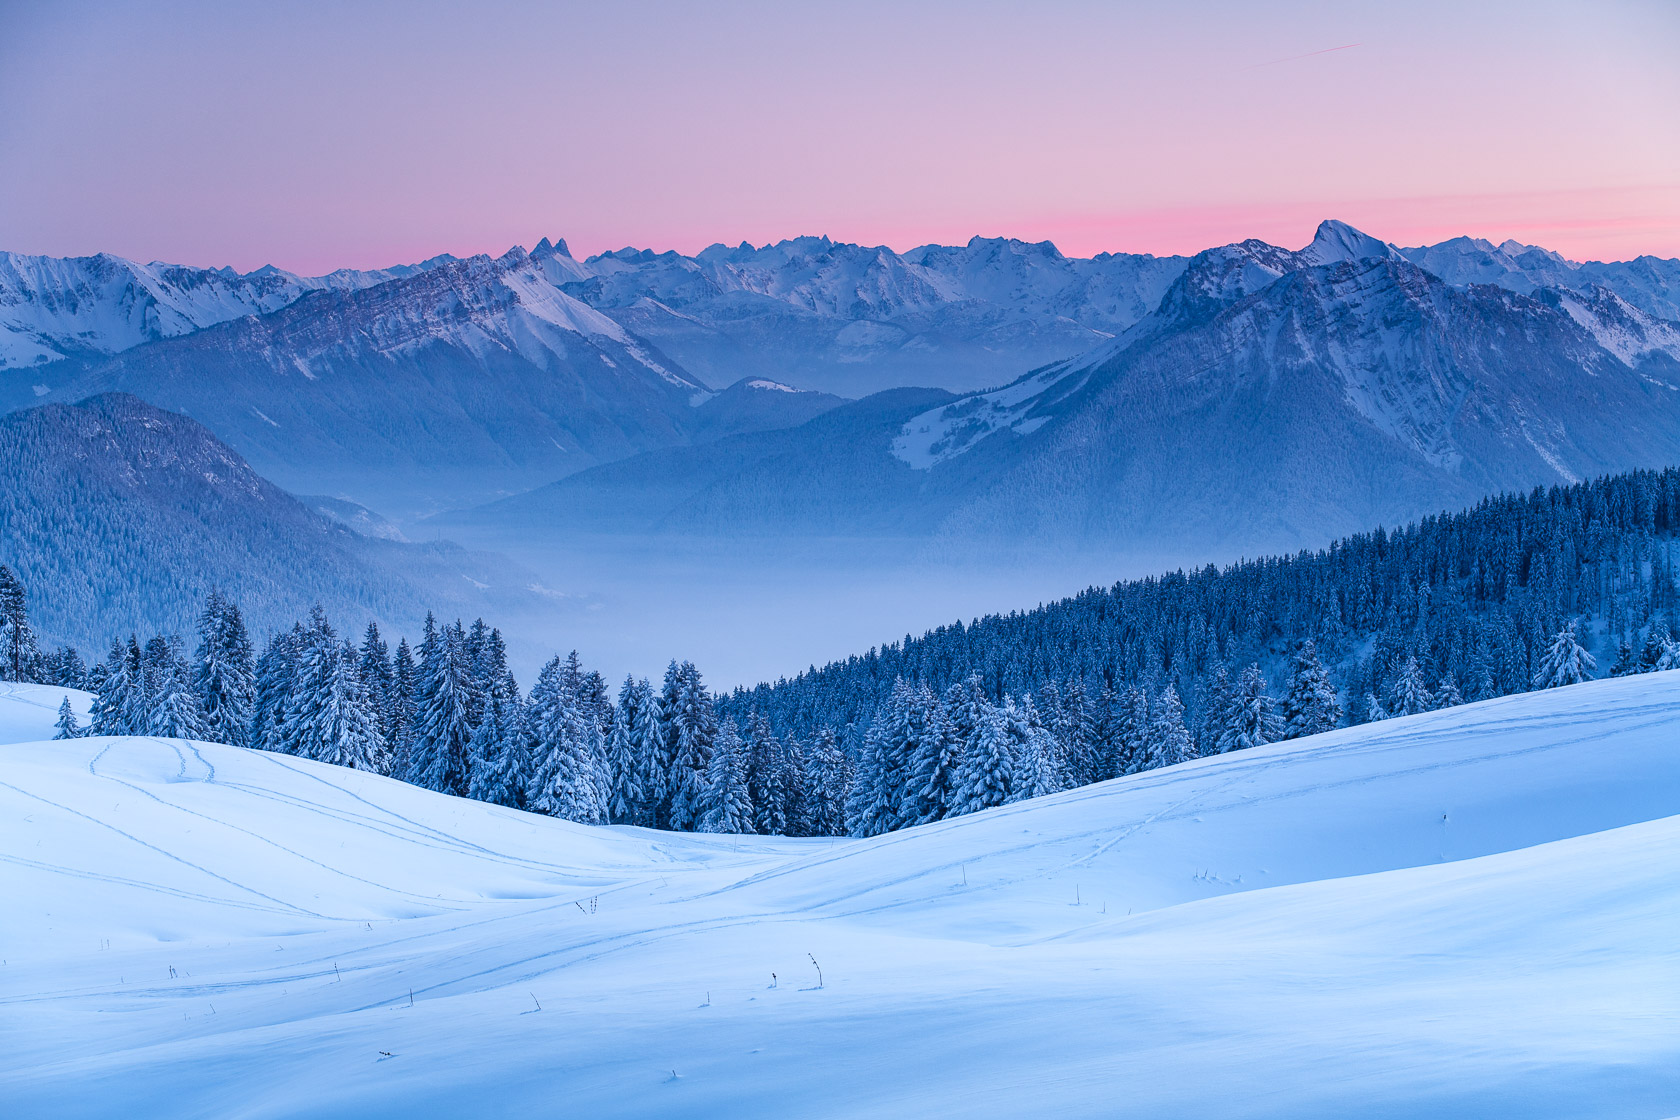 Le massif des Bauges en fin de journée, depuis le sommet du Semnoz, en hiver